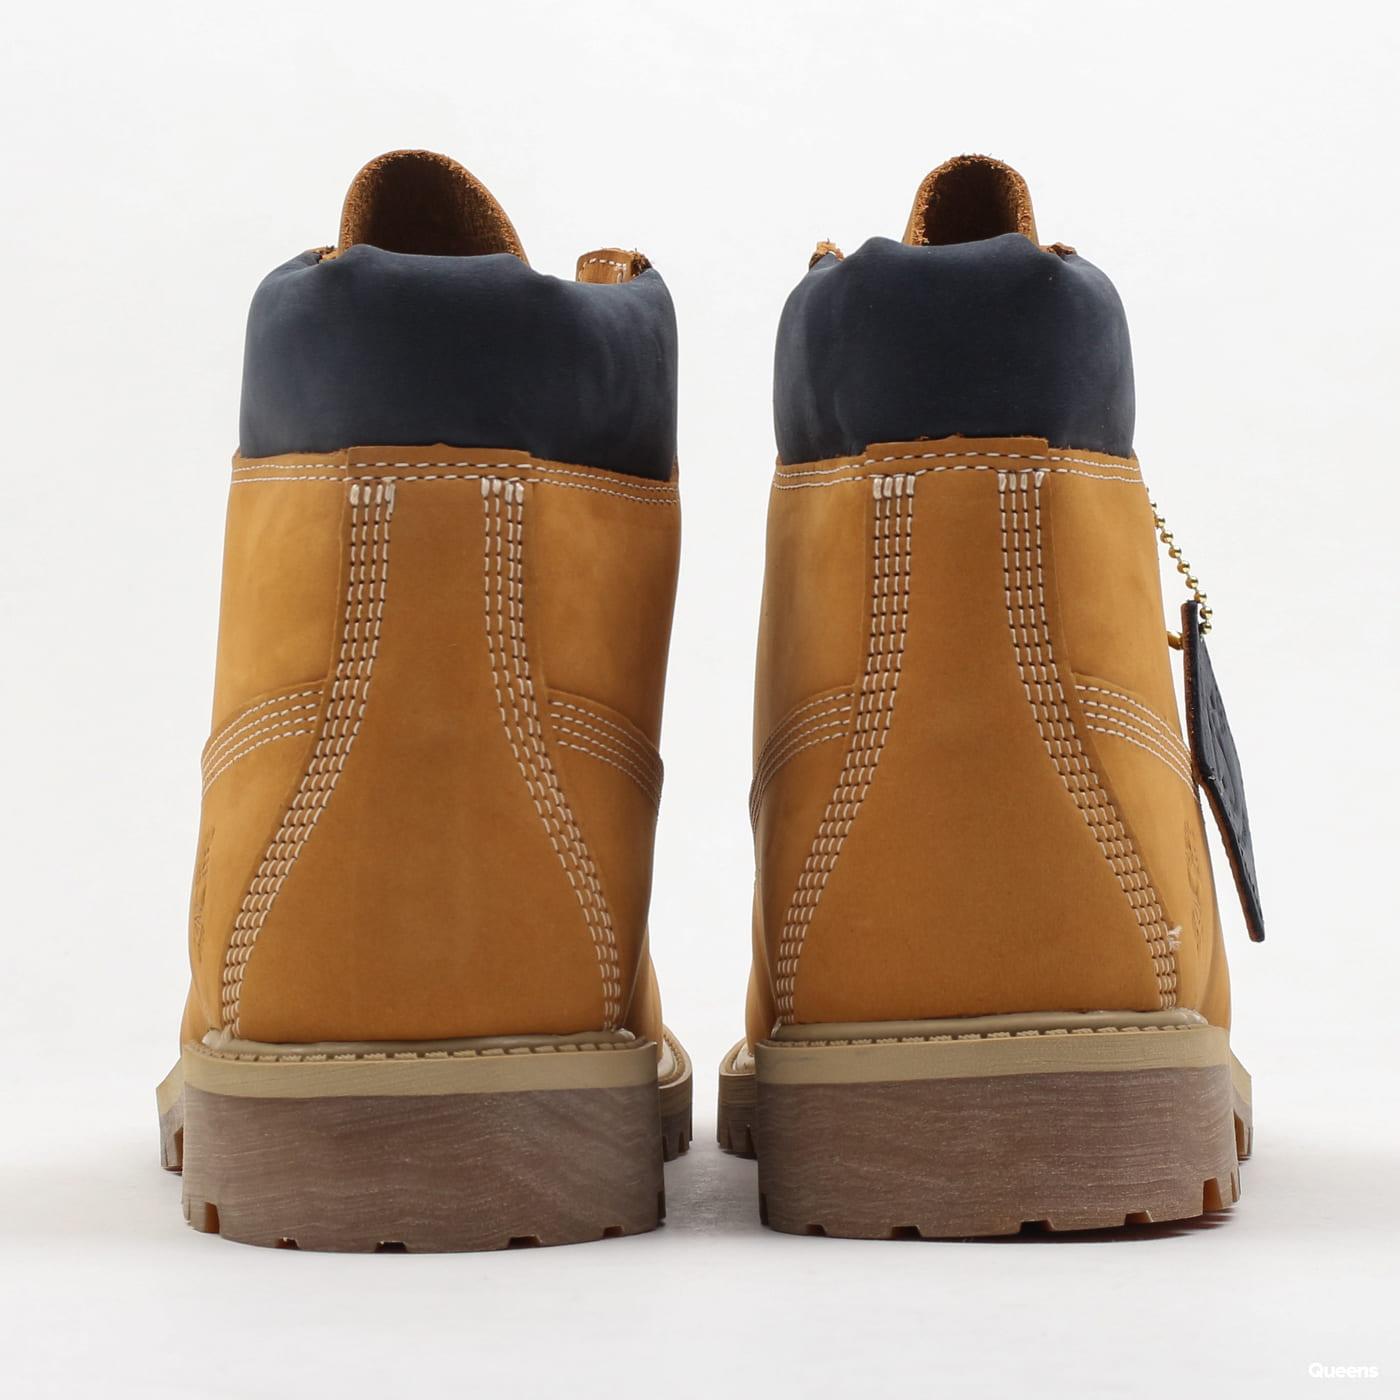 Timberland 6 Inch Premium WP Boot wheat